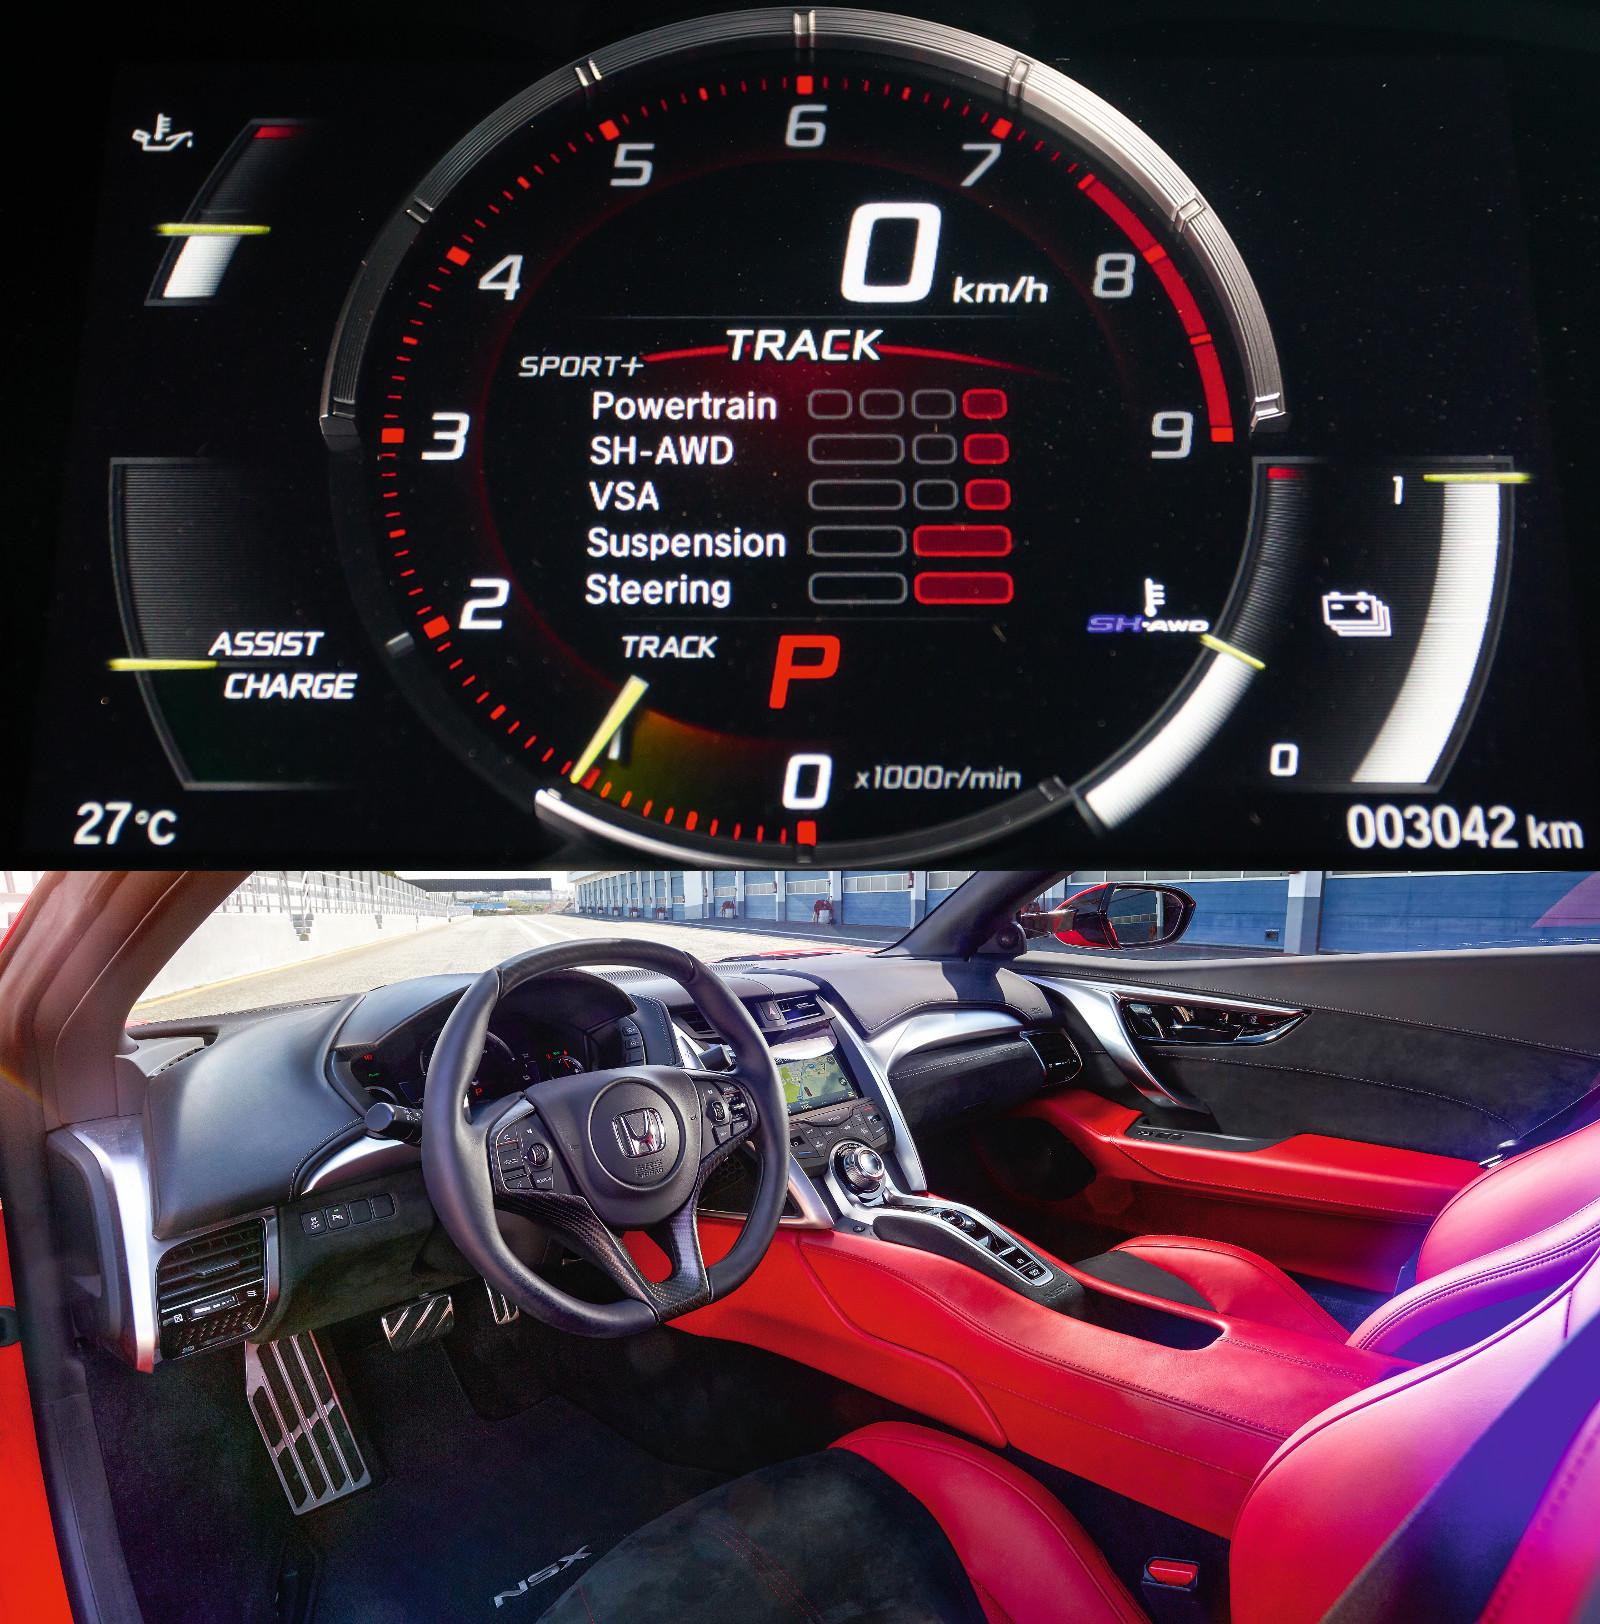 Az egyes üzemmódoknak megfelelően változik a műszerfal grafikája. Öncélú formai megoldások helyett a funkcionalitásra helyezte a hangsúlyt a Honda